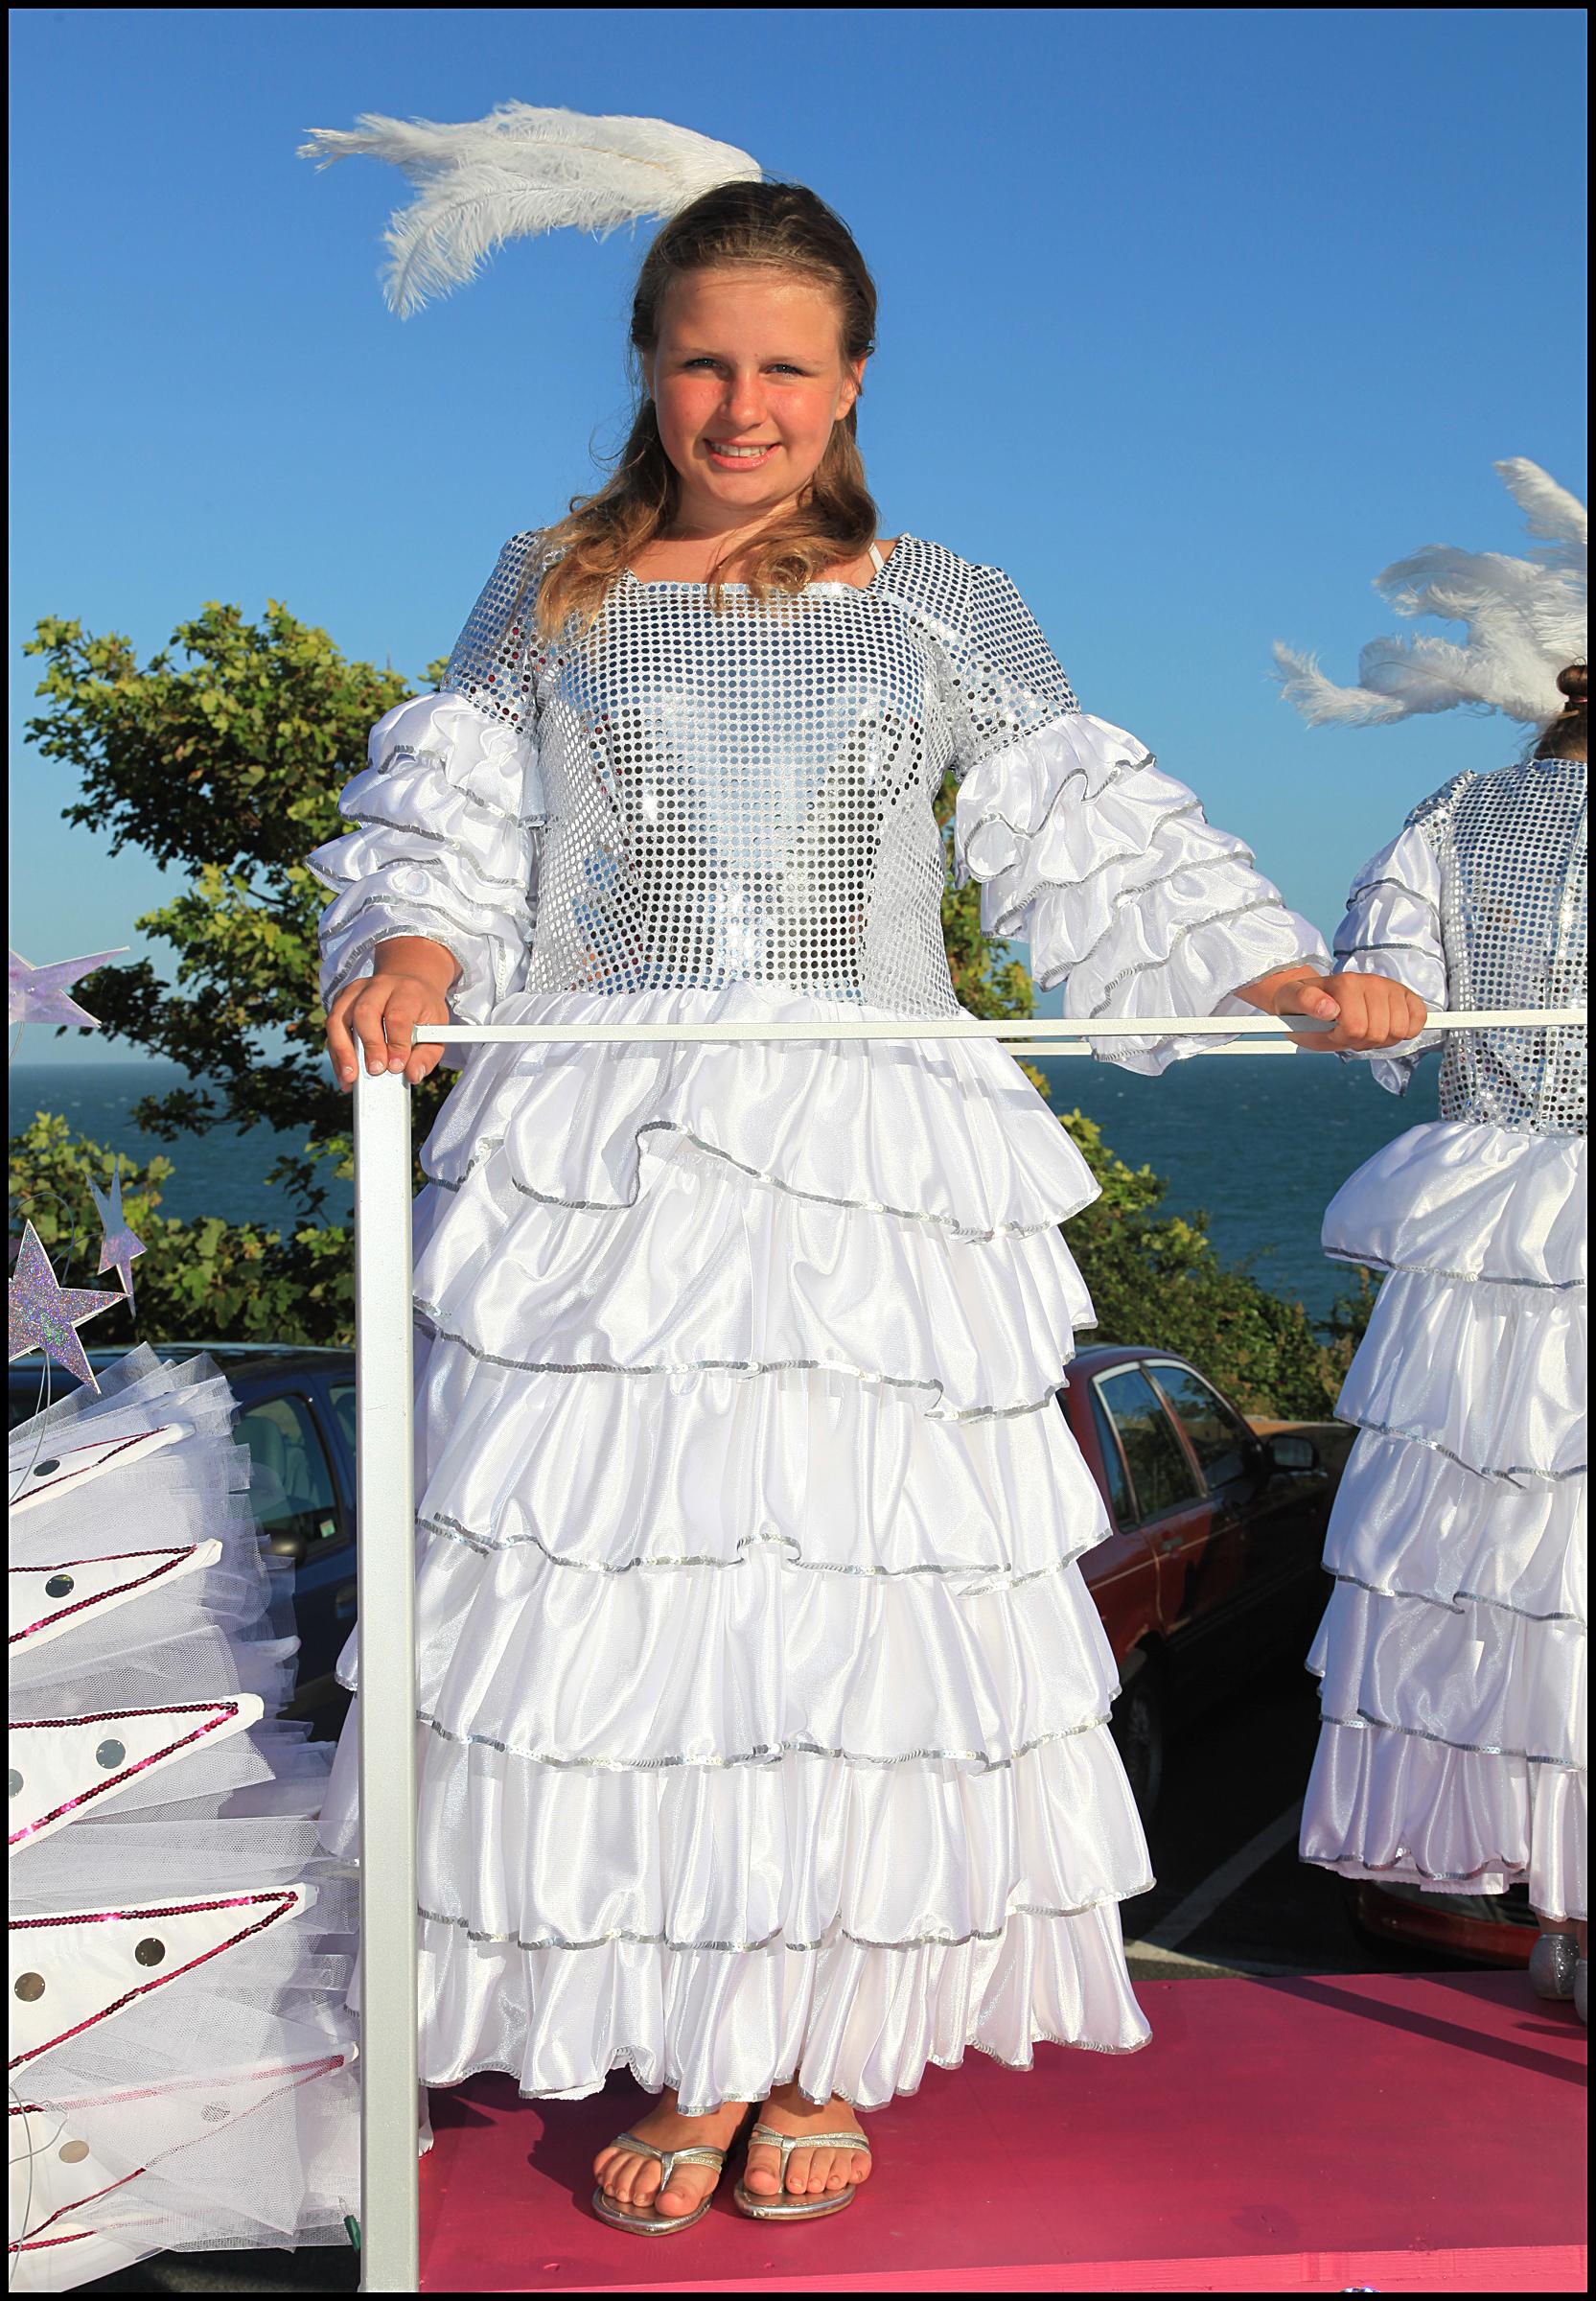 Maddie- Senior Queen